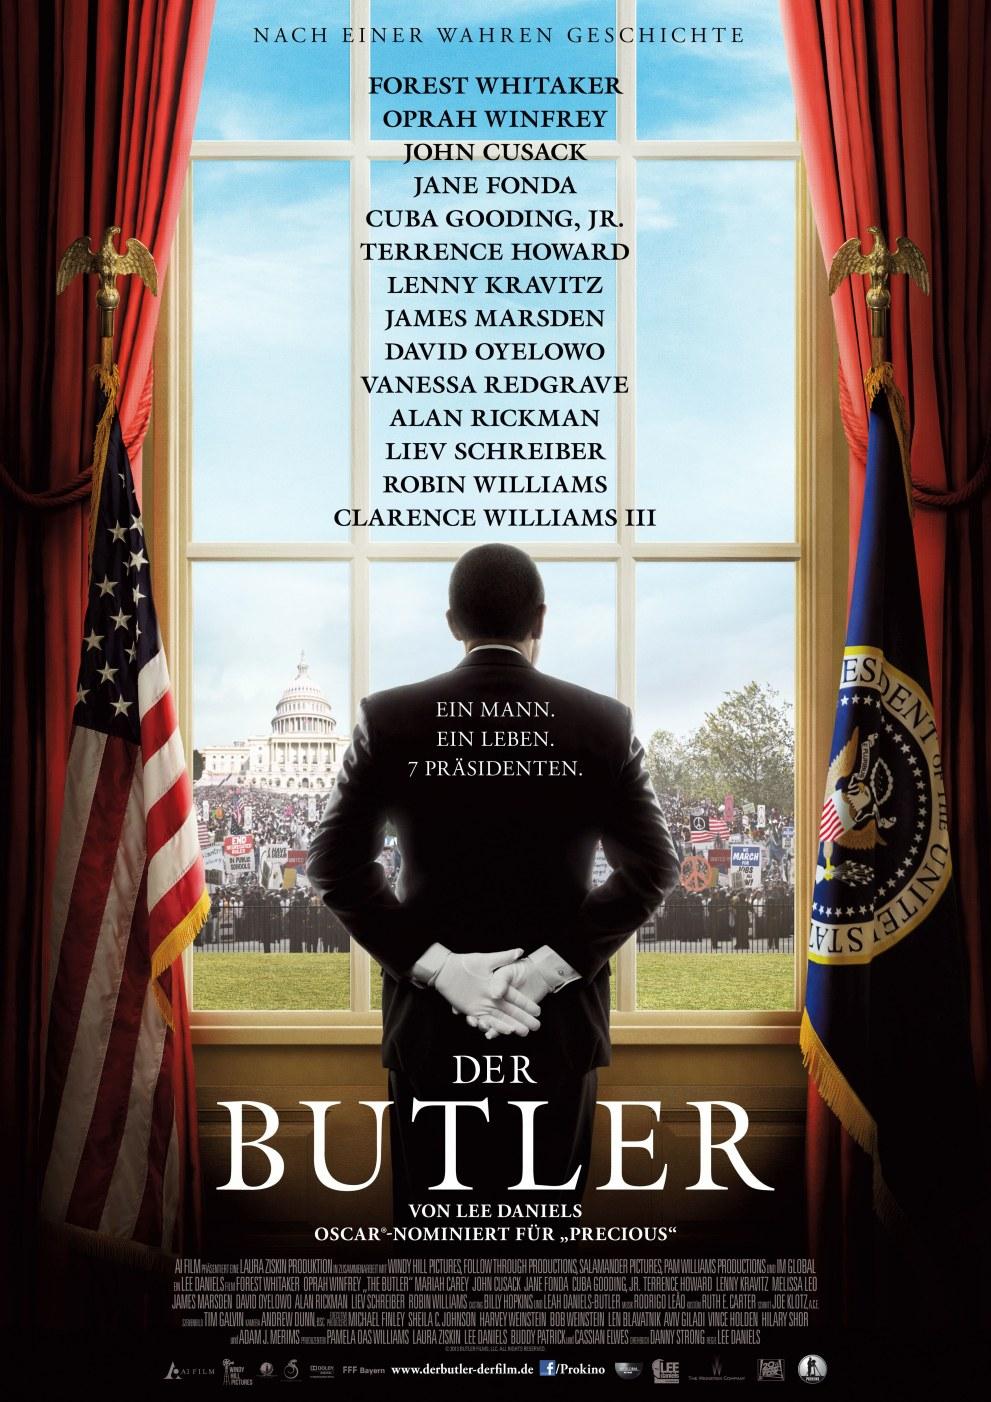 Der butler cinestar rostock capitol - Butlers chemnitz ...